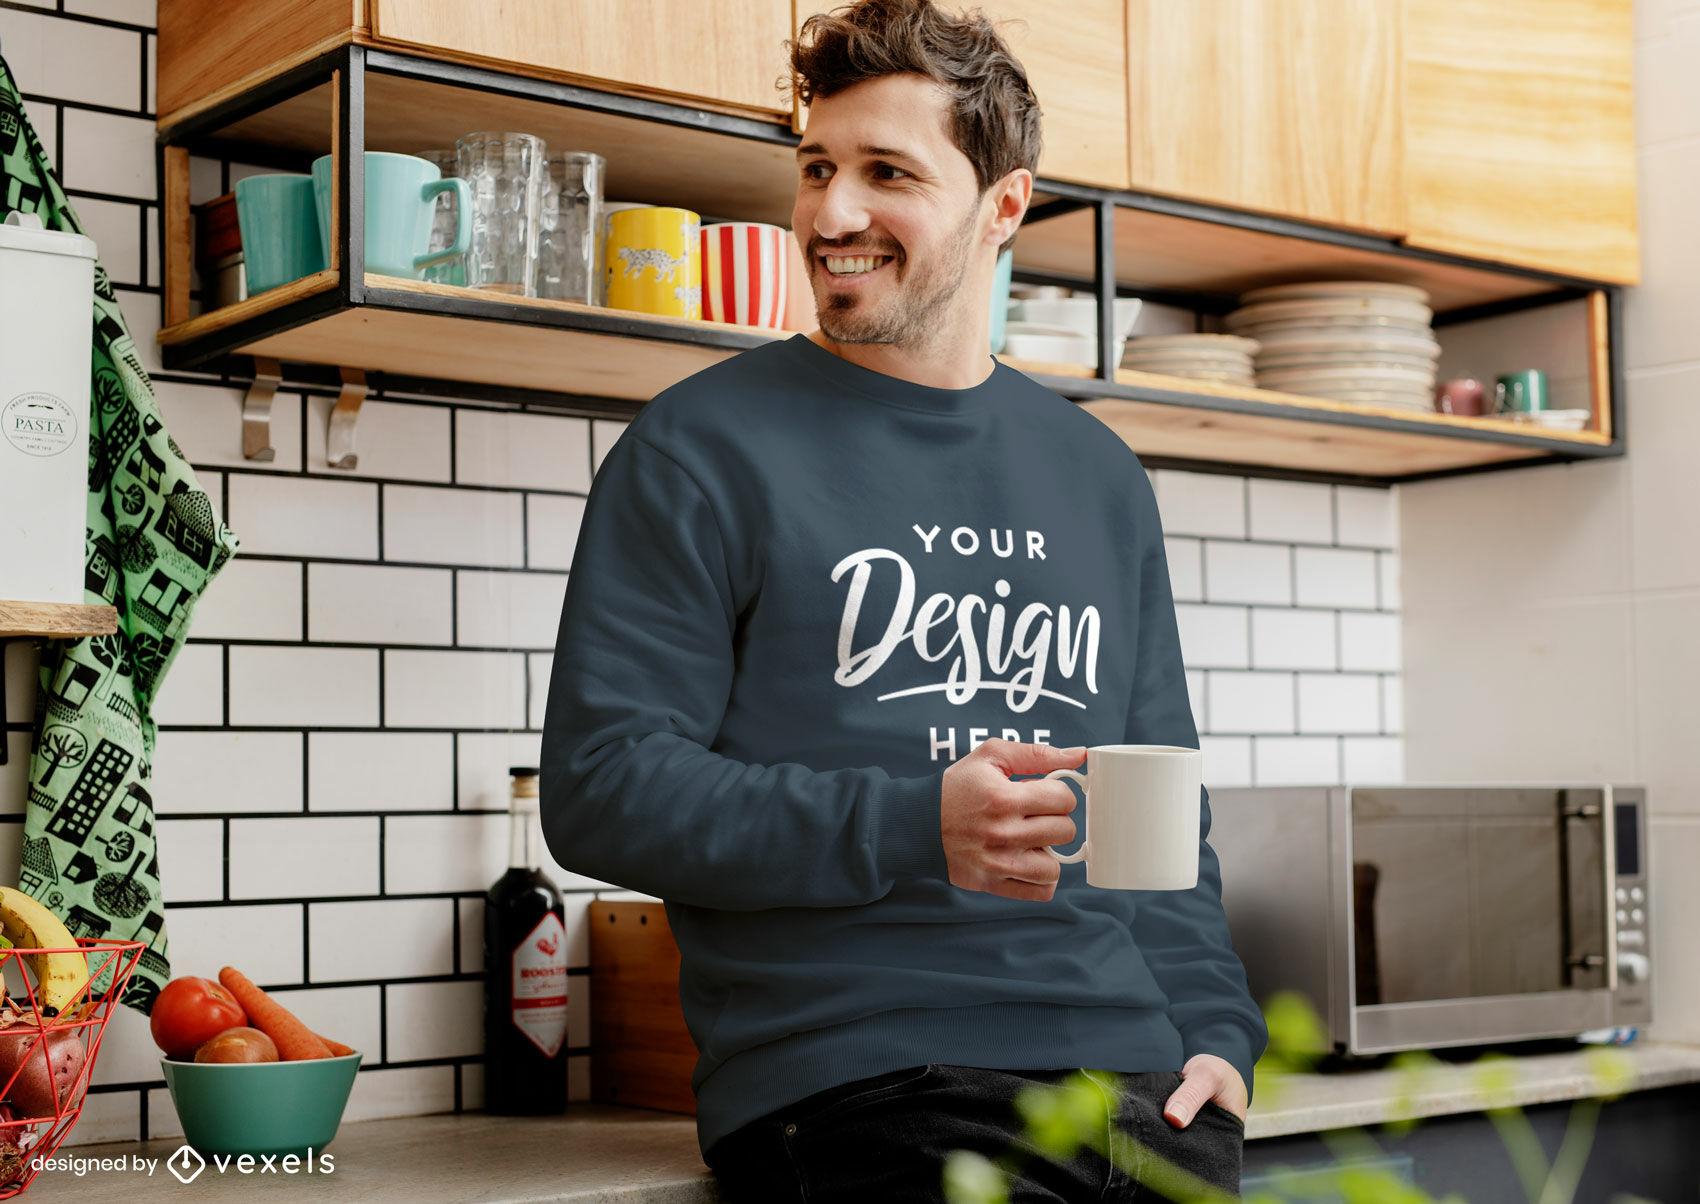 Dunkelblauer Sweatshirt-Mockup-Mann in der Küche mit Kaffee